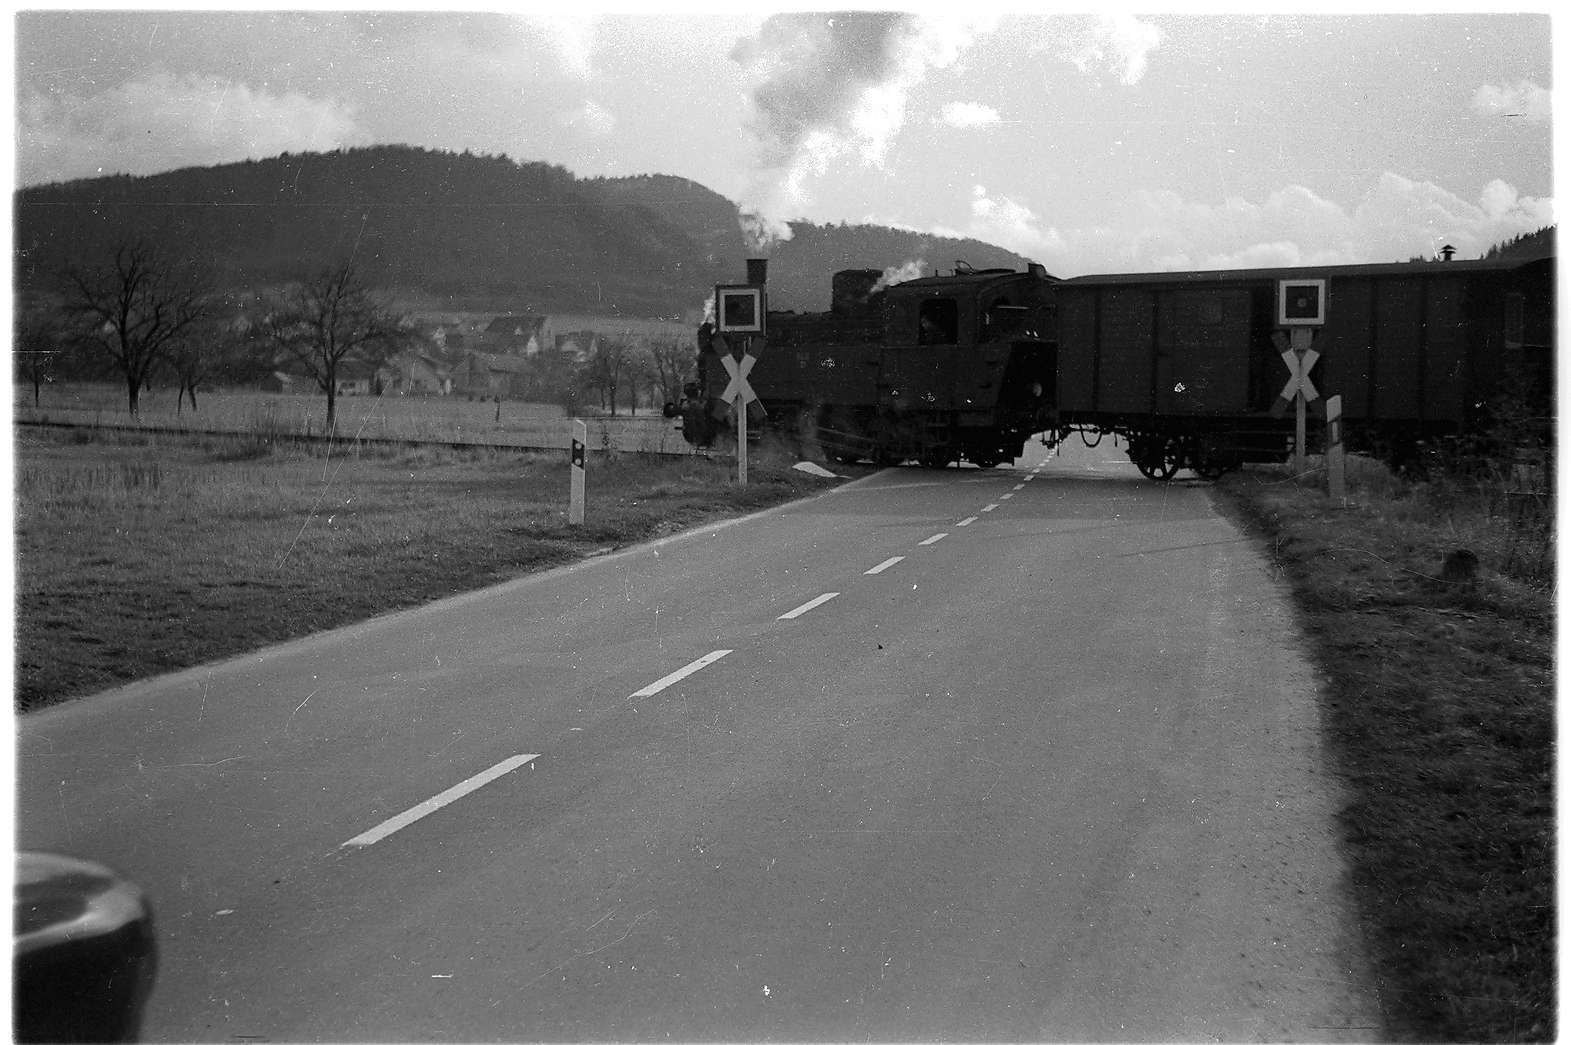 Killer, Bahnübergang der Bundesstraße 32 mit Warnblinkanlage, noch ohne Halbschranken, Bild 1